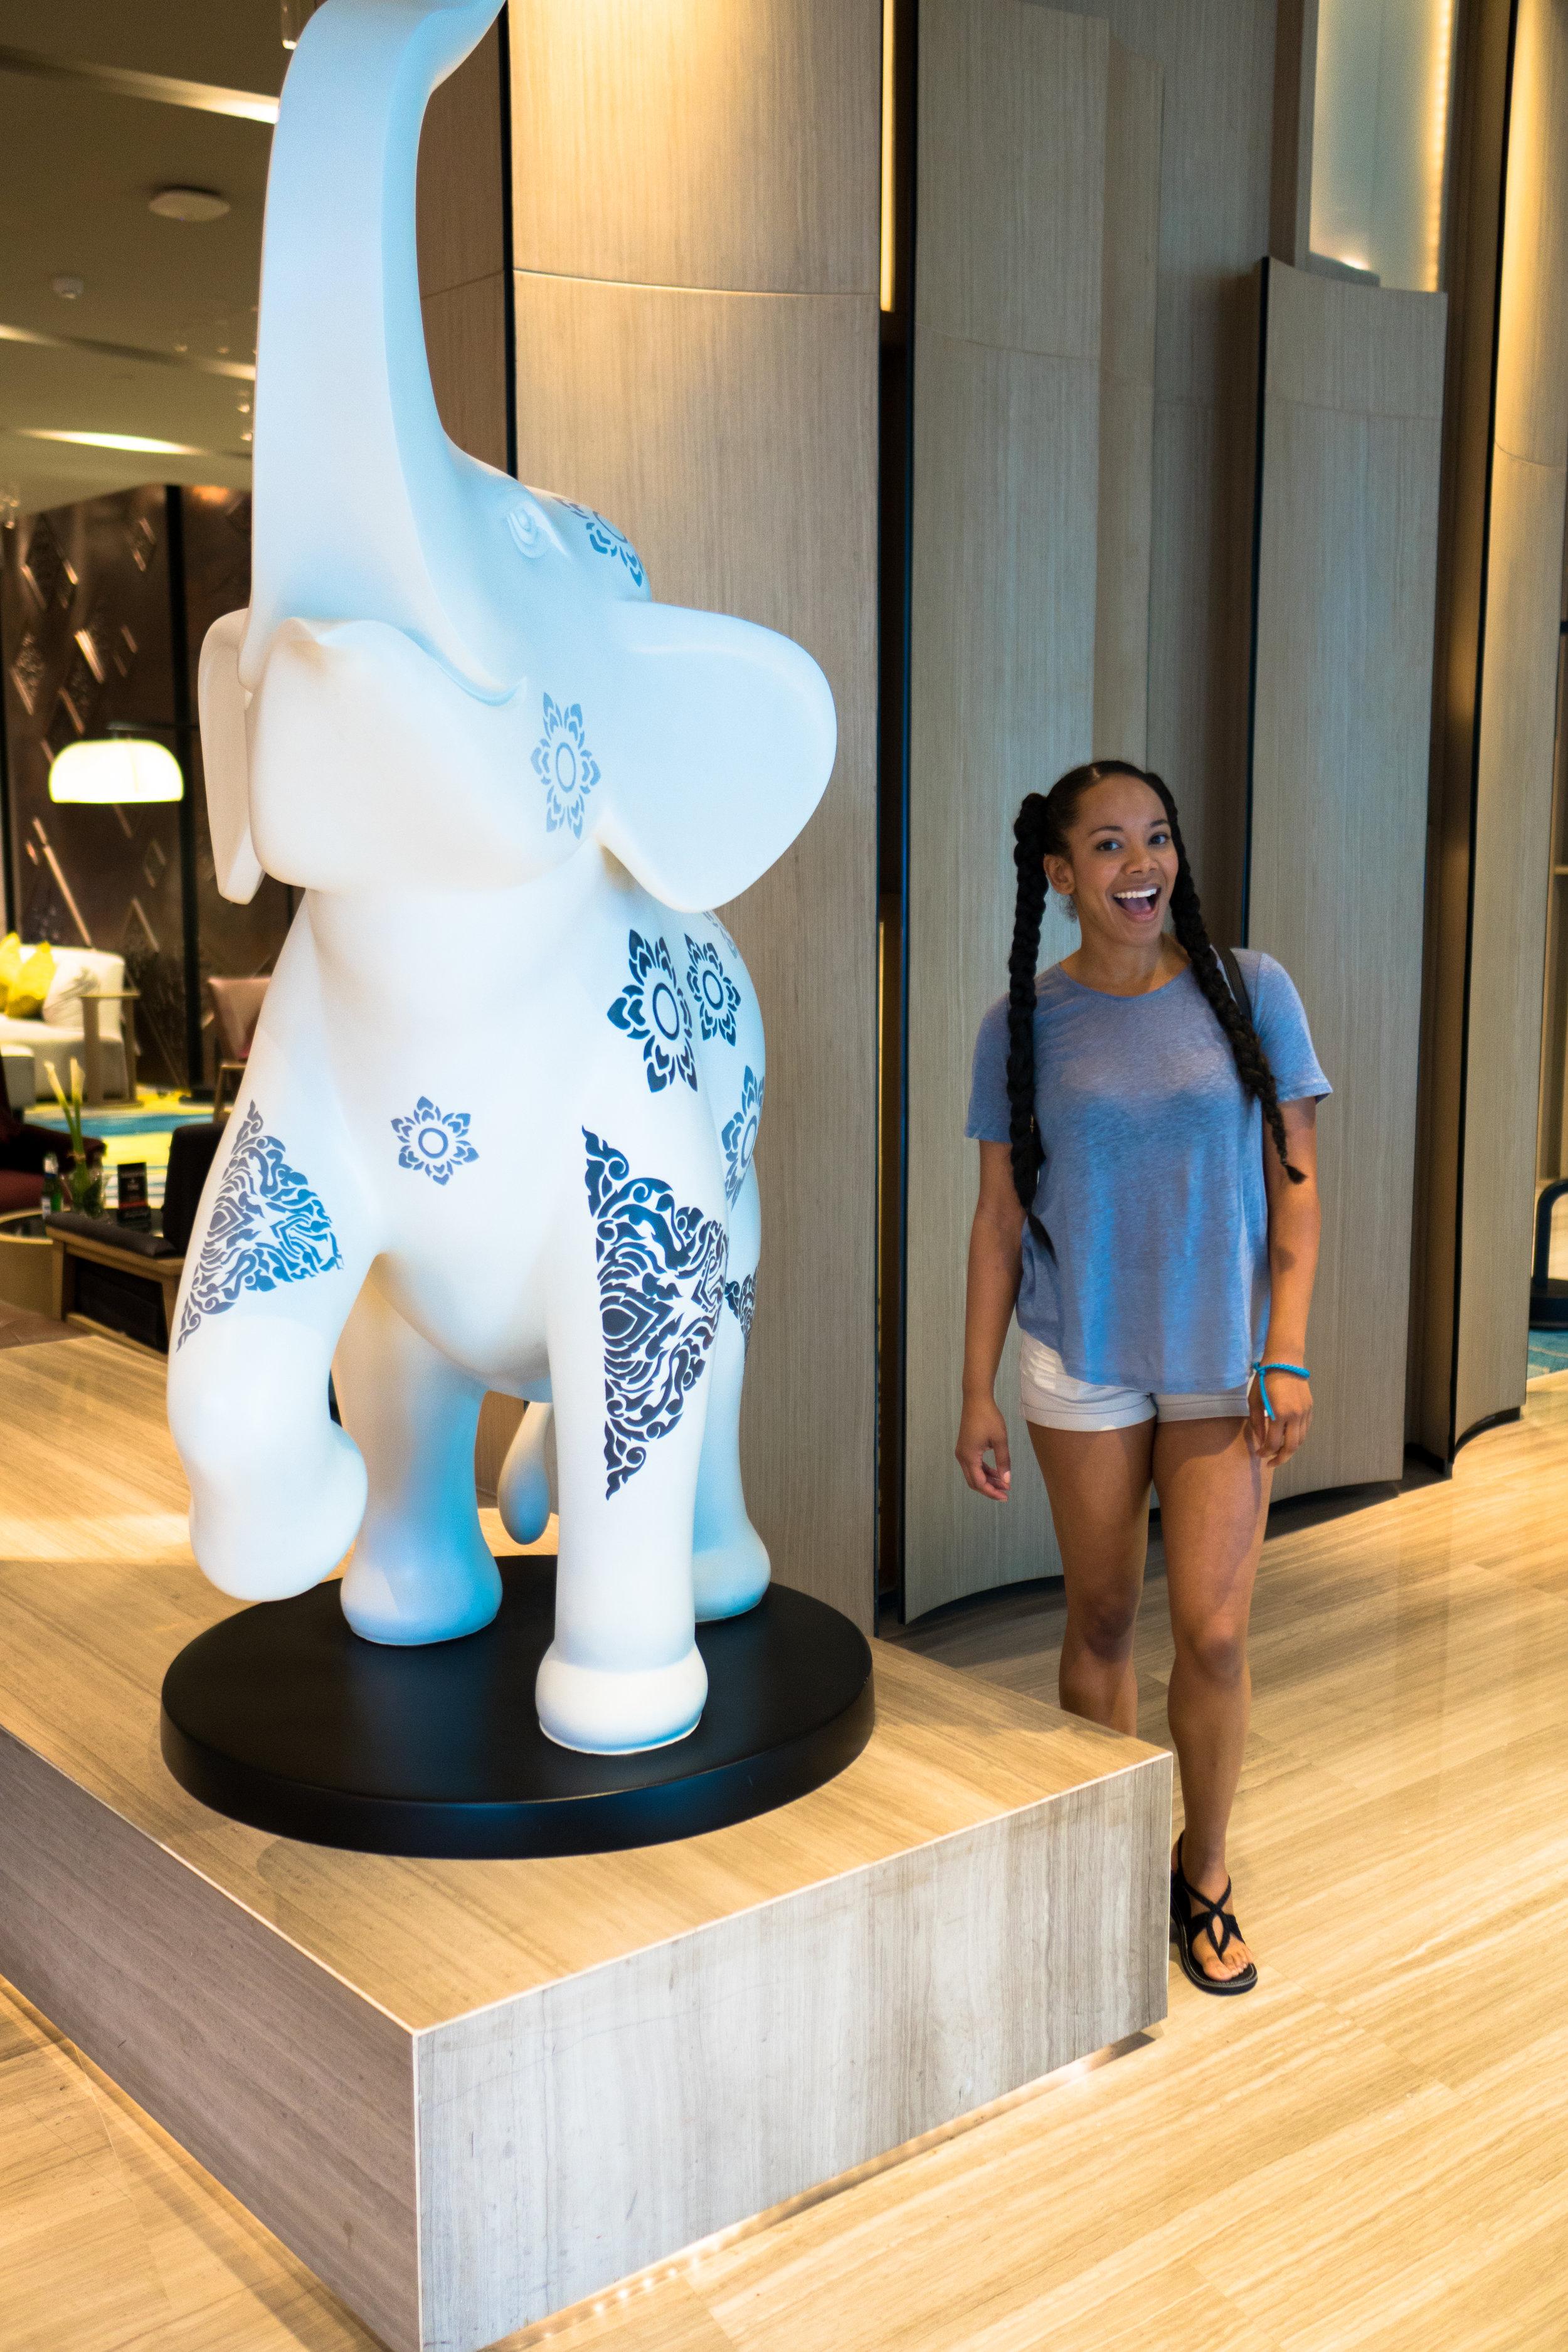 Novotel Hotel Lobby